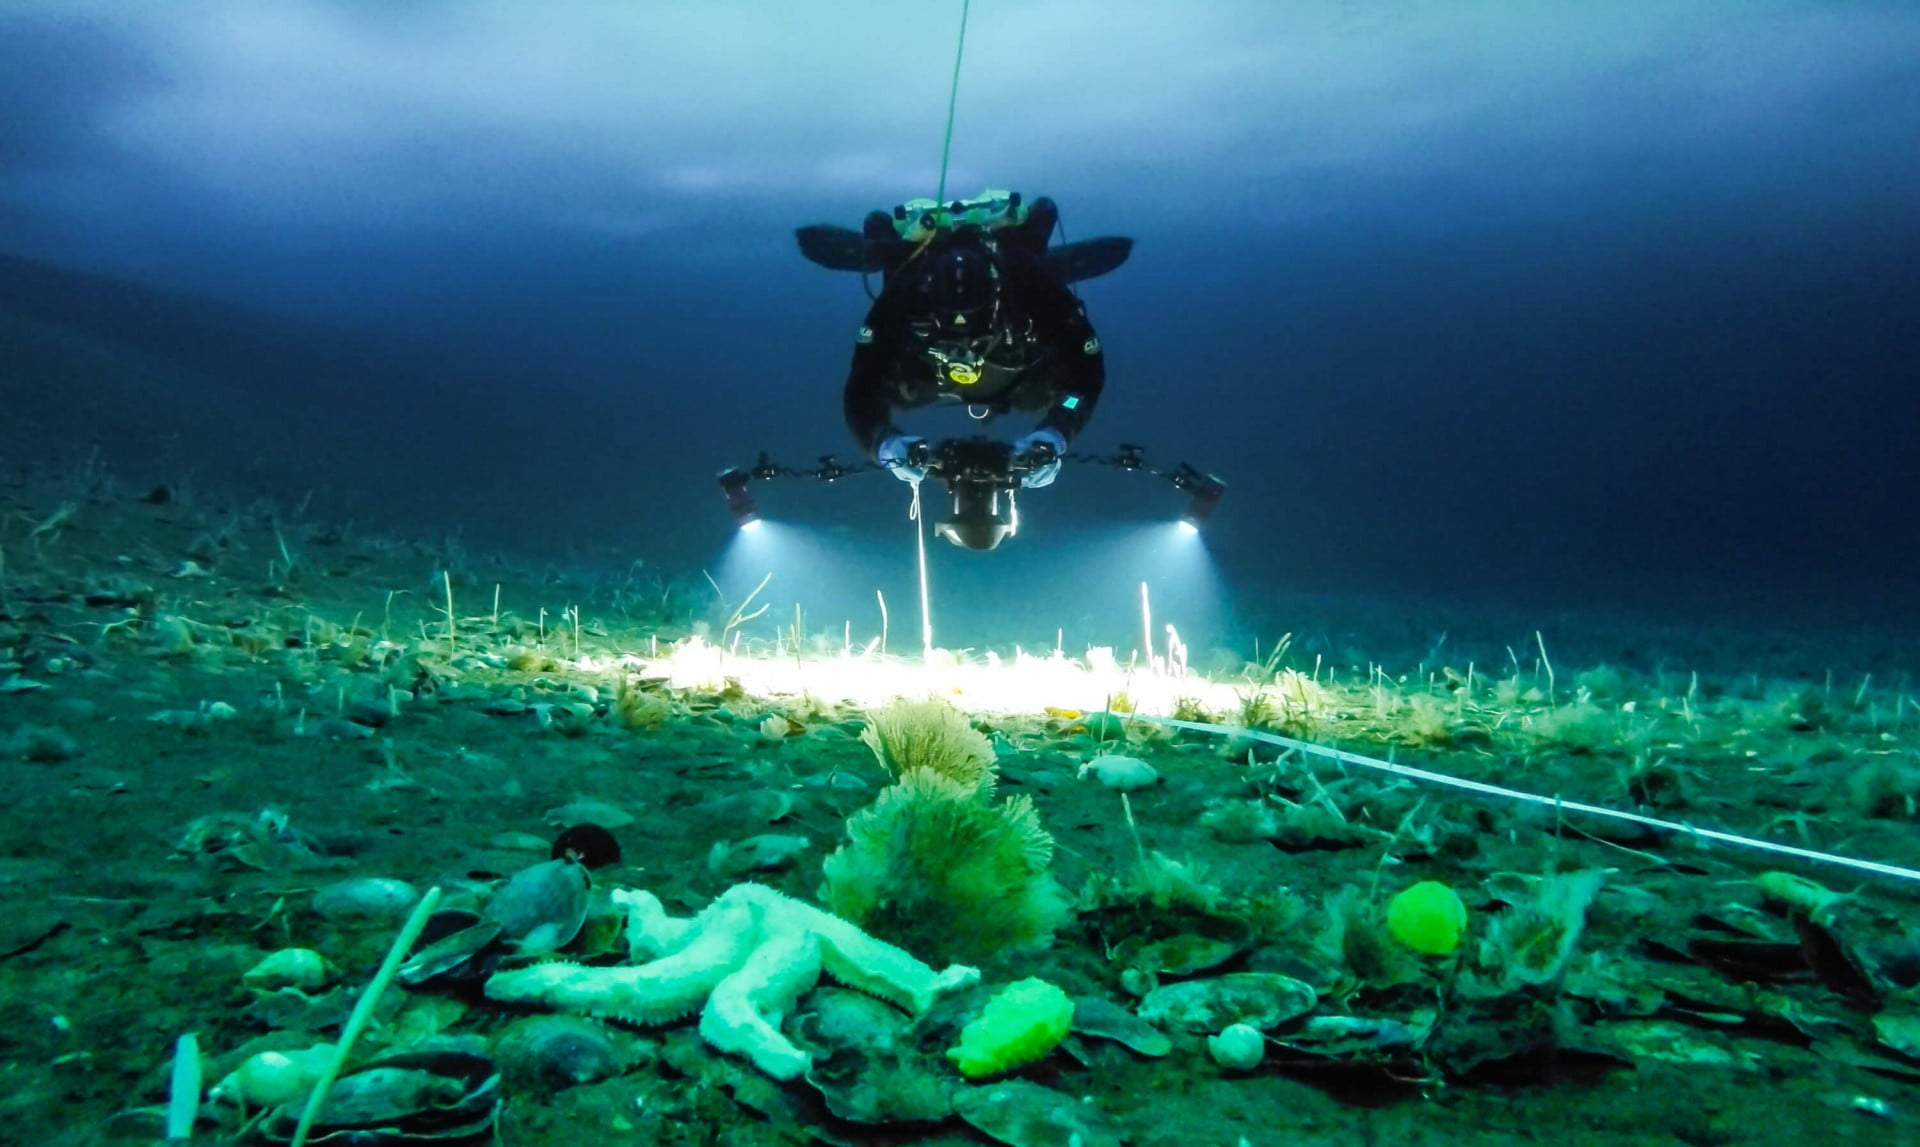 Peter Marriott videoing life on the seafloor, Antarctica.